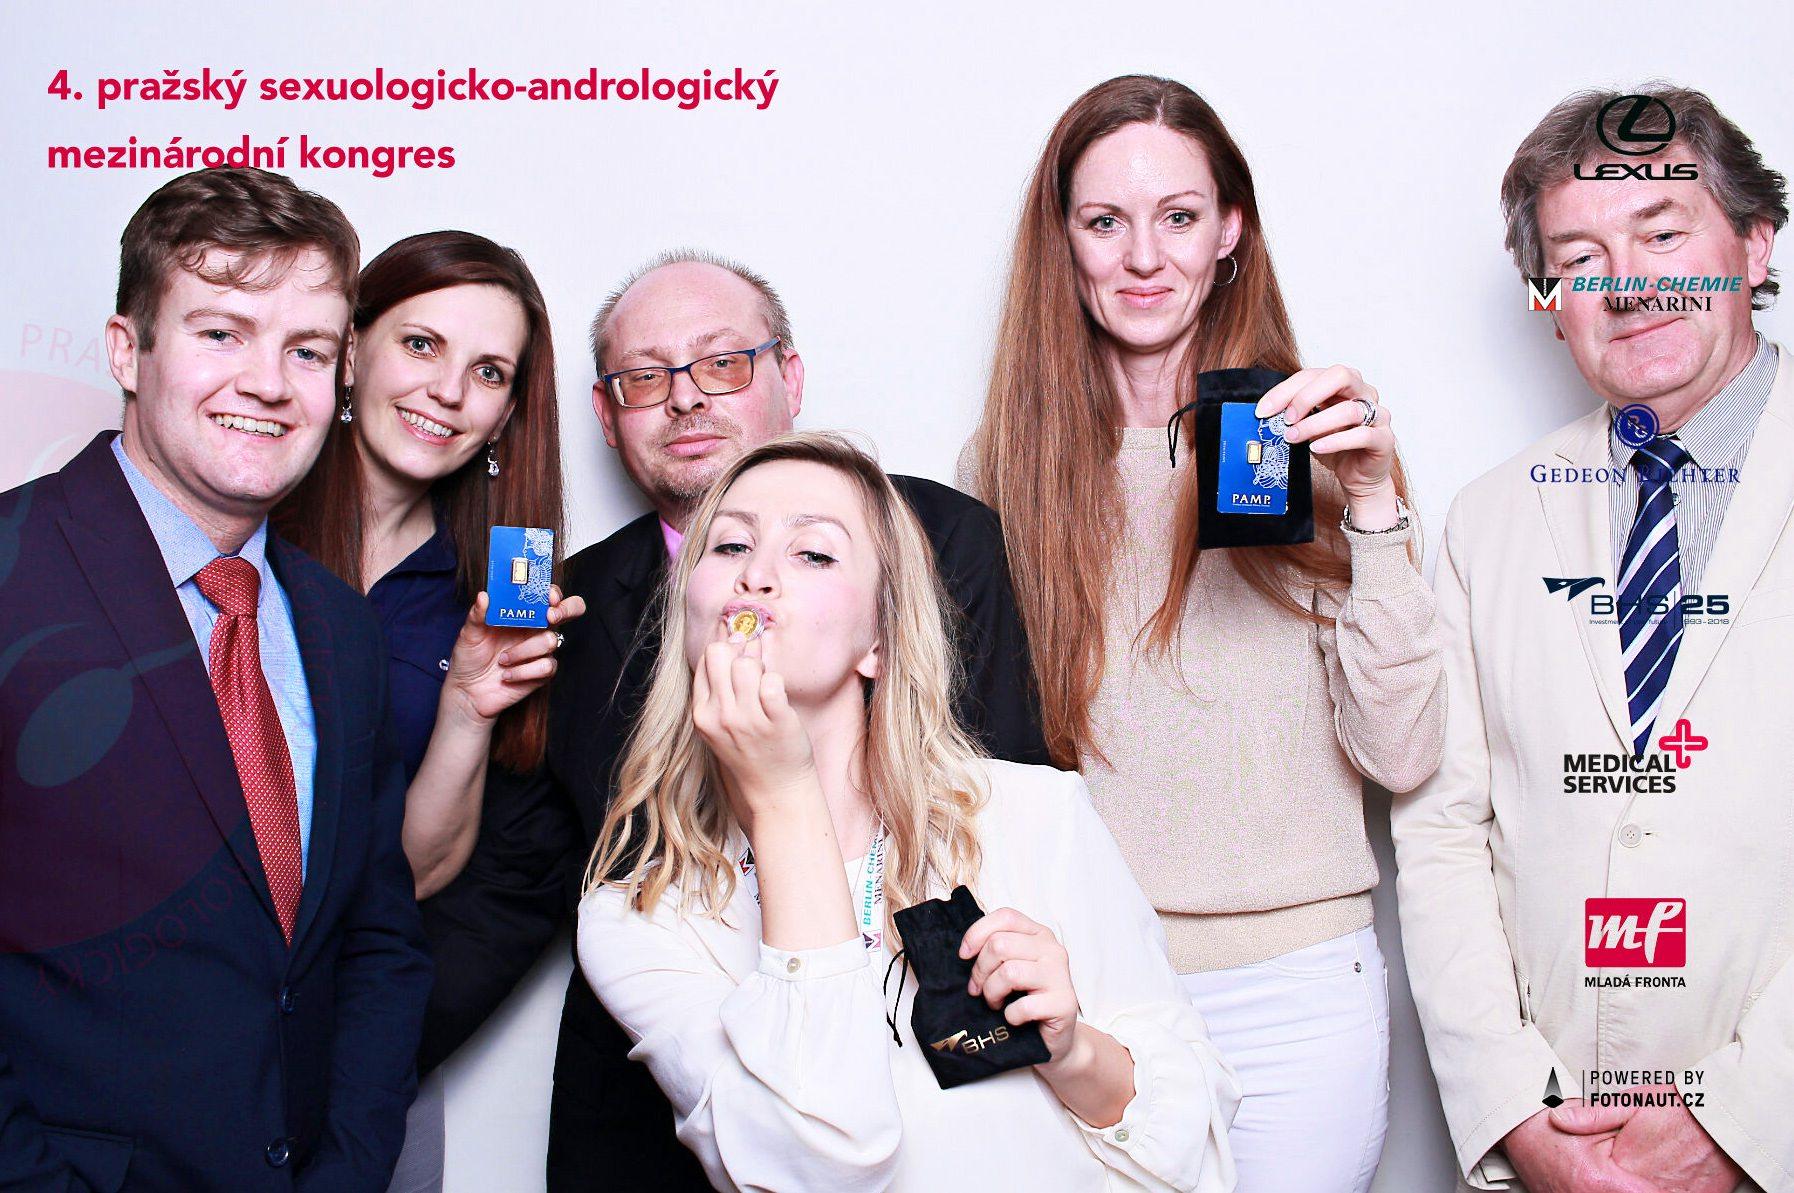 fotokoutek-4-prazsky-sexuologicko-andrologicky-mezinarodni-kongres-20-4-2018-411824